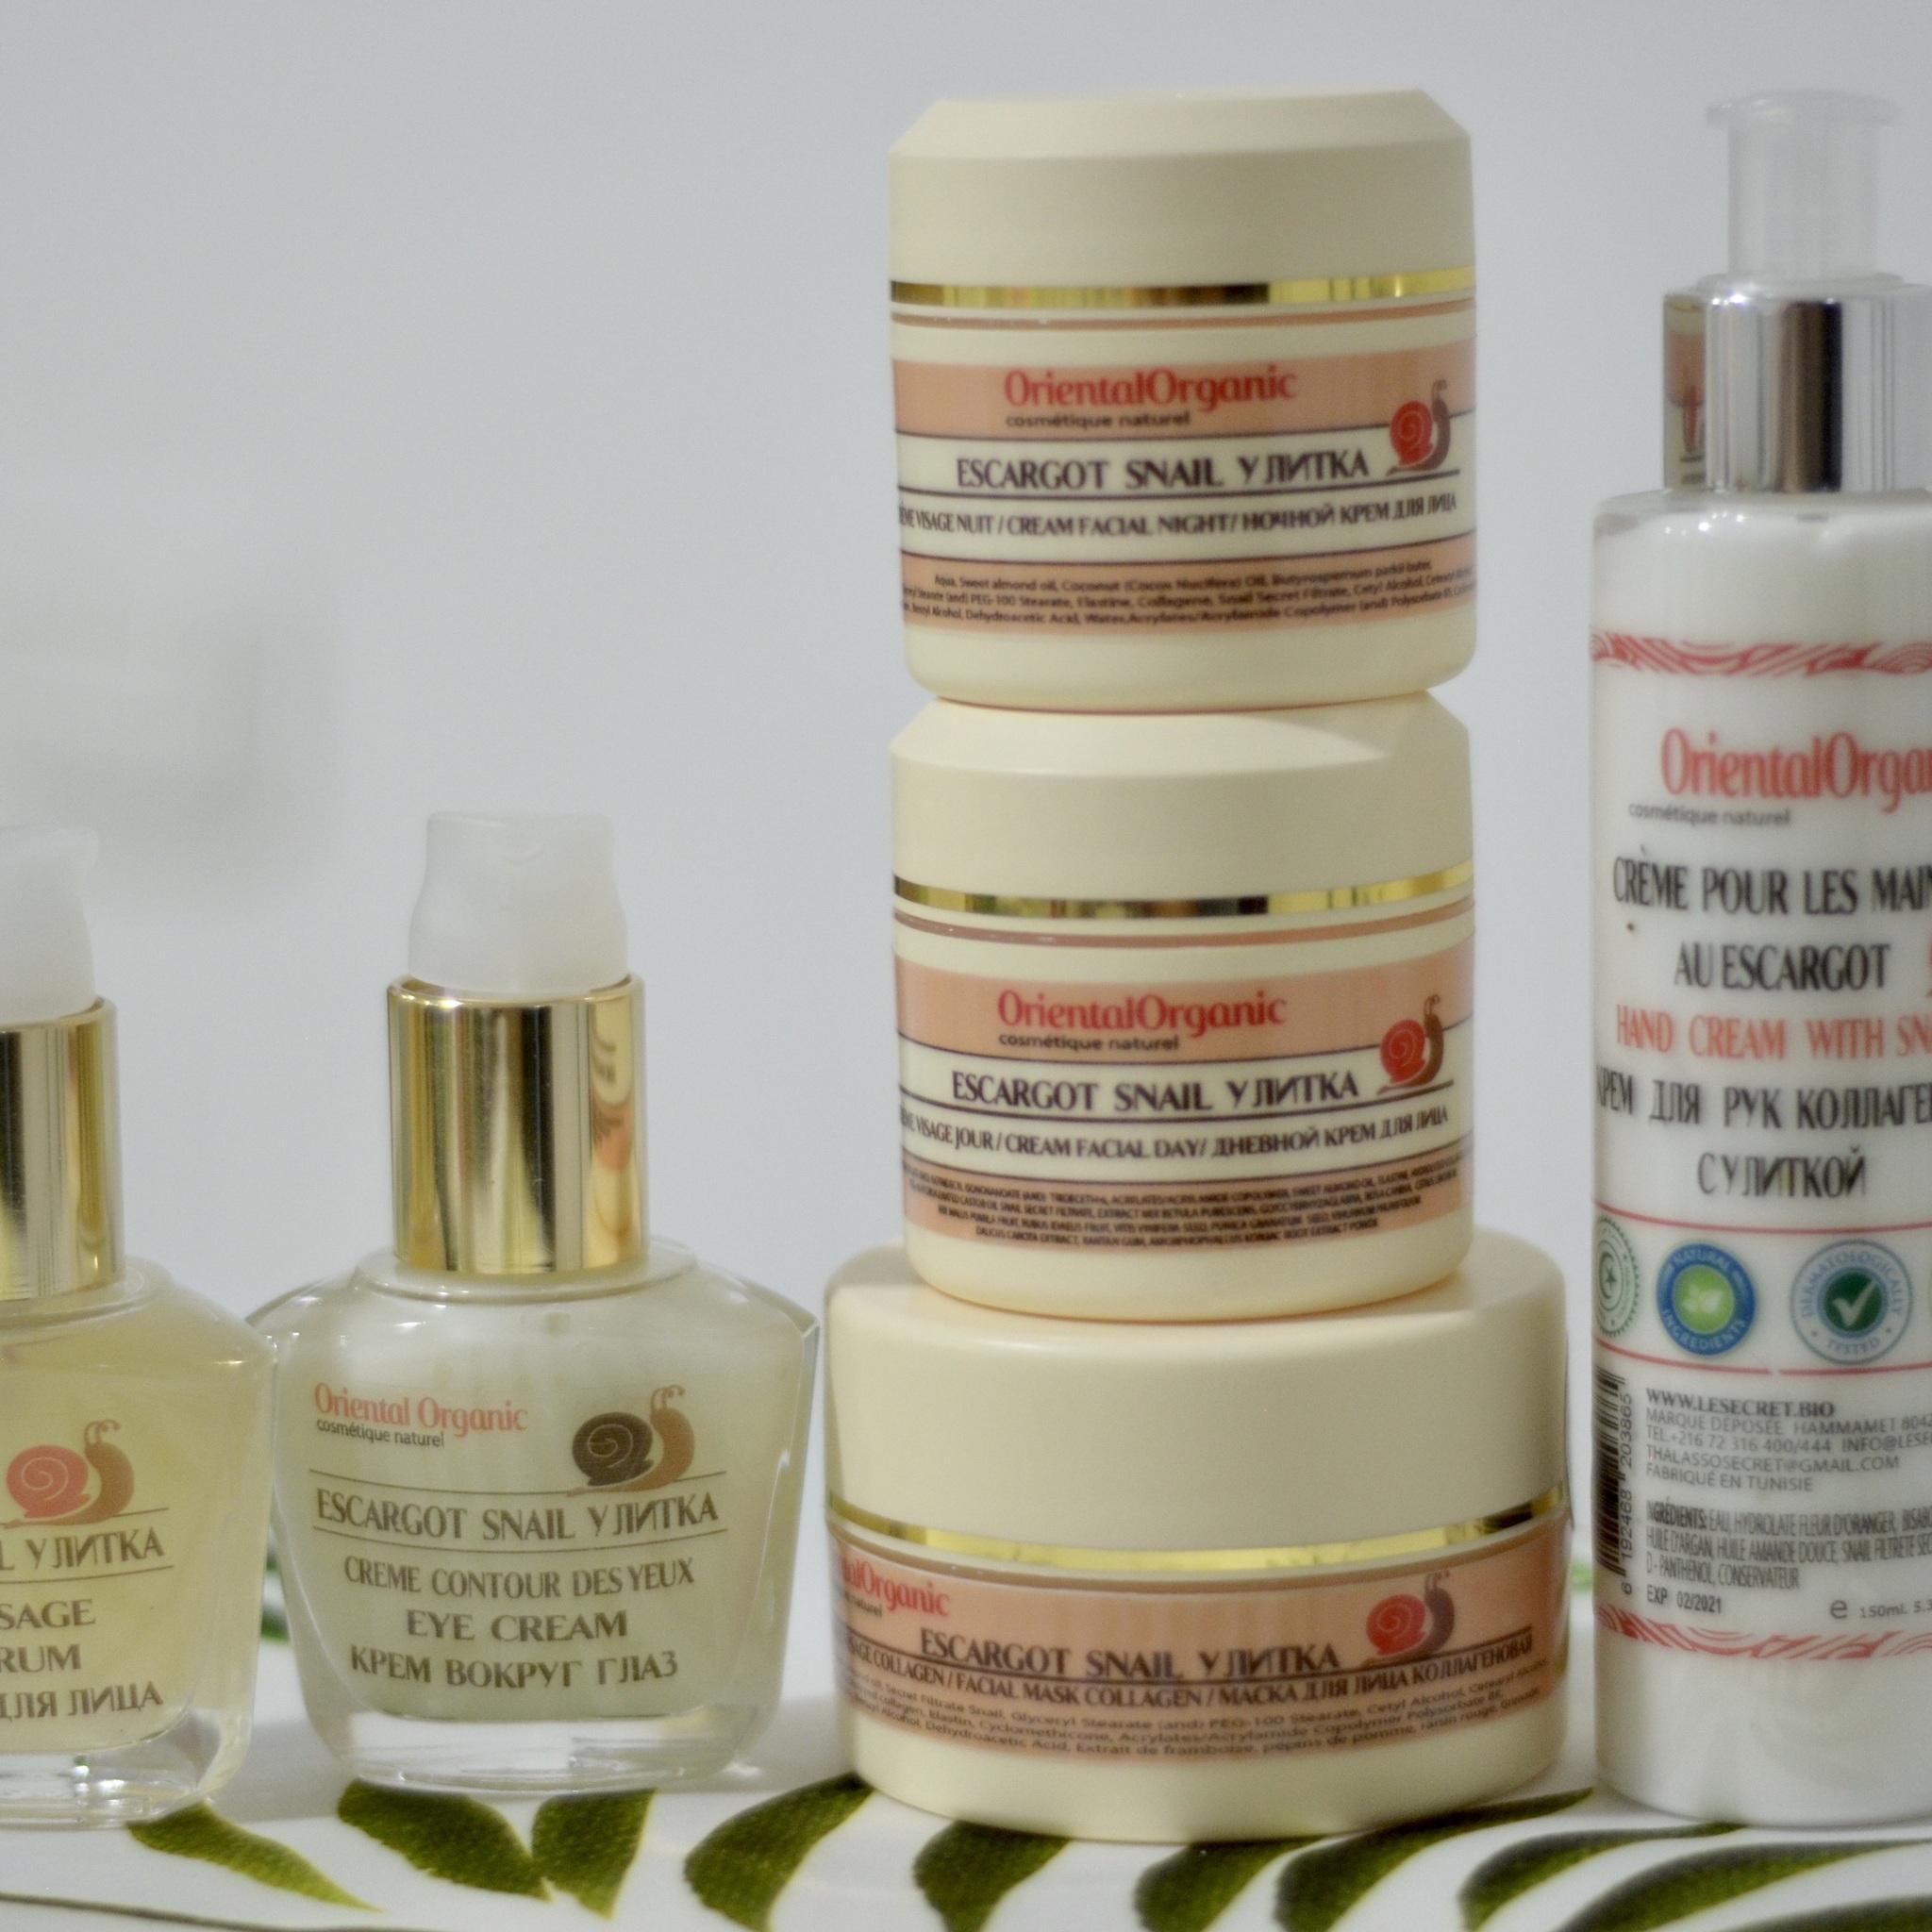 Oriental Organic Крем для рук с Улиткой